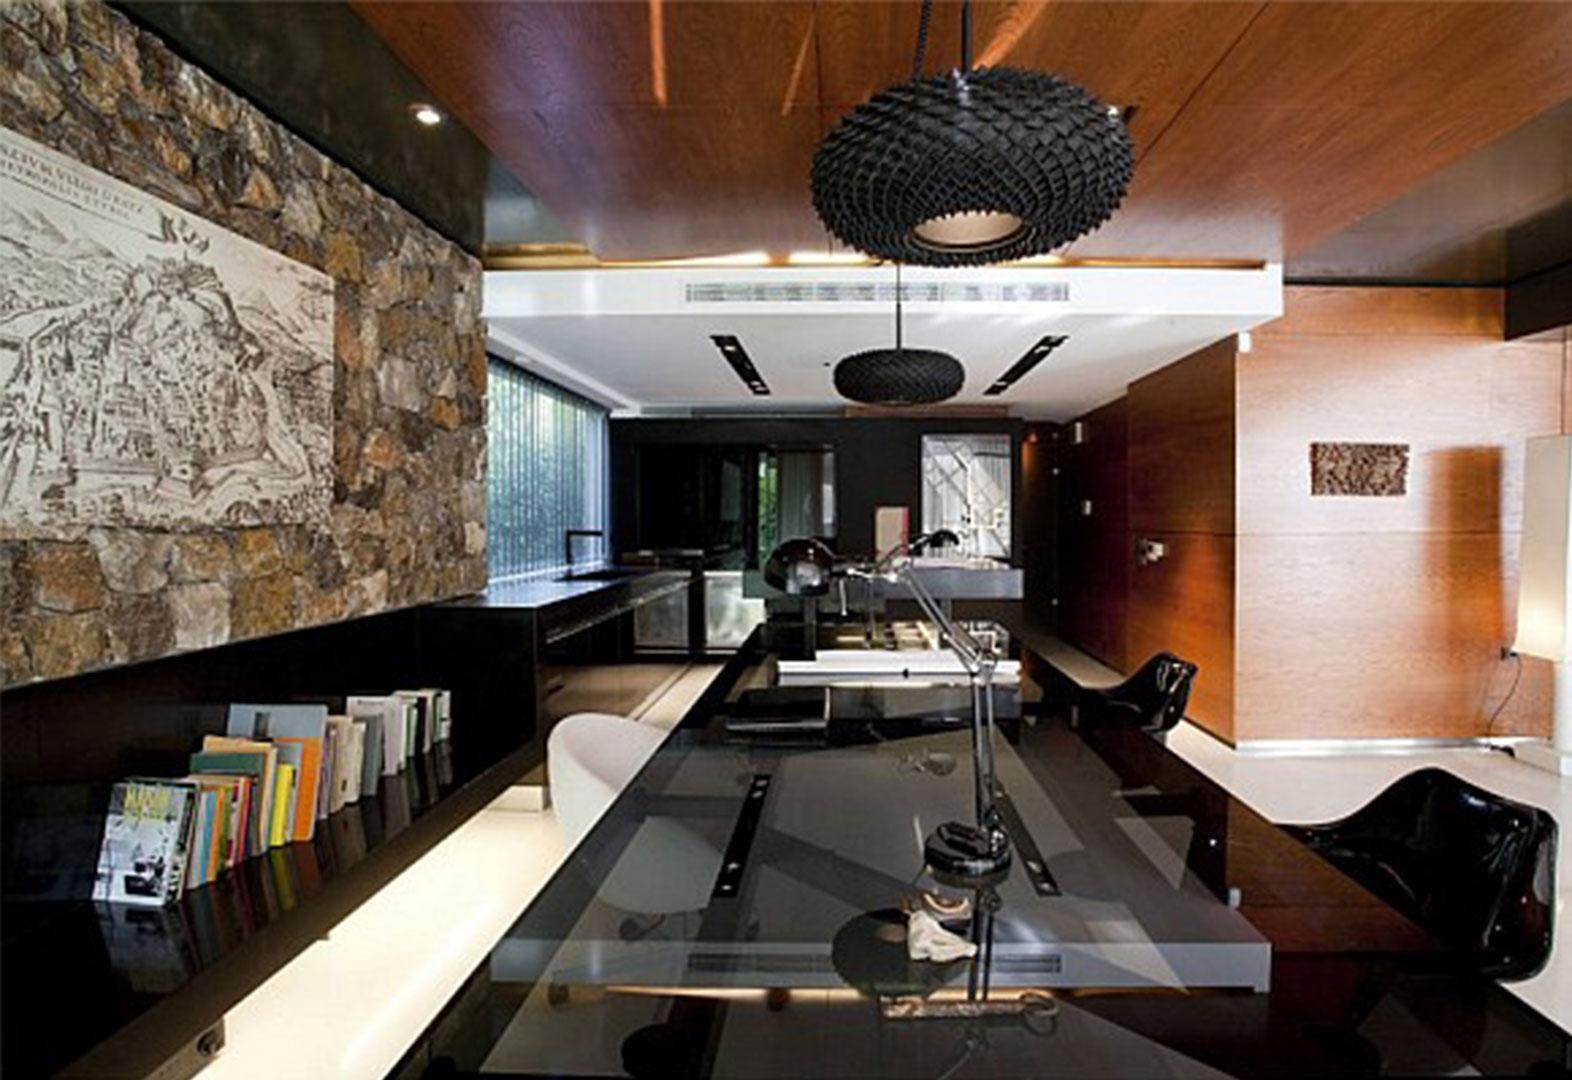 Mẫu biệt thự 3 tầng hiện đại đẹp ngất ngây